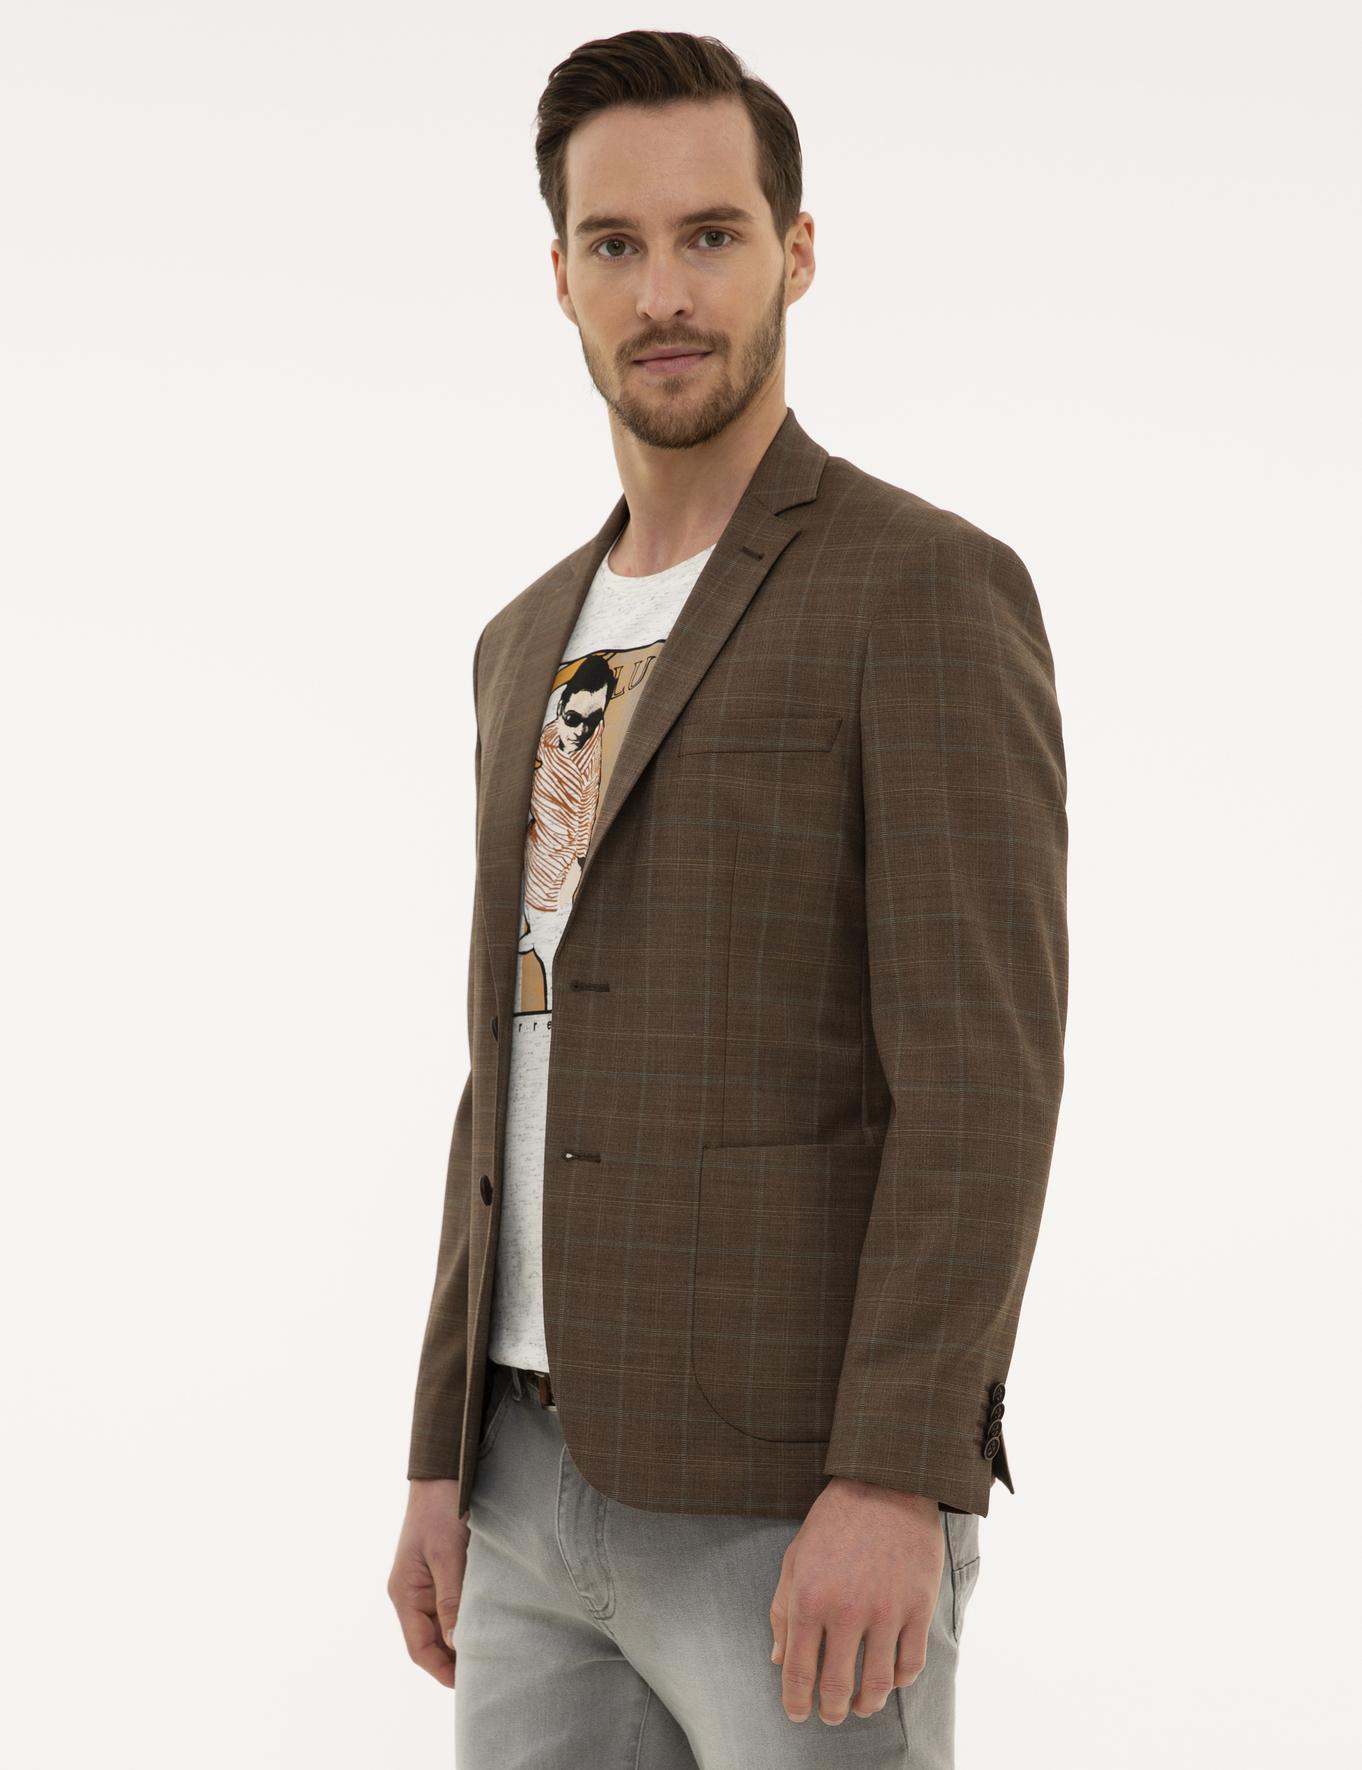 Açık Kahverengi Slim Fit Ceket